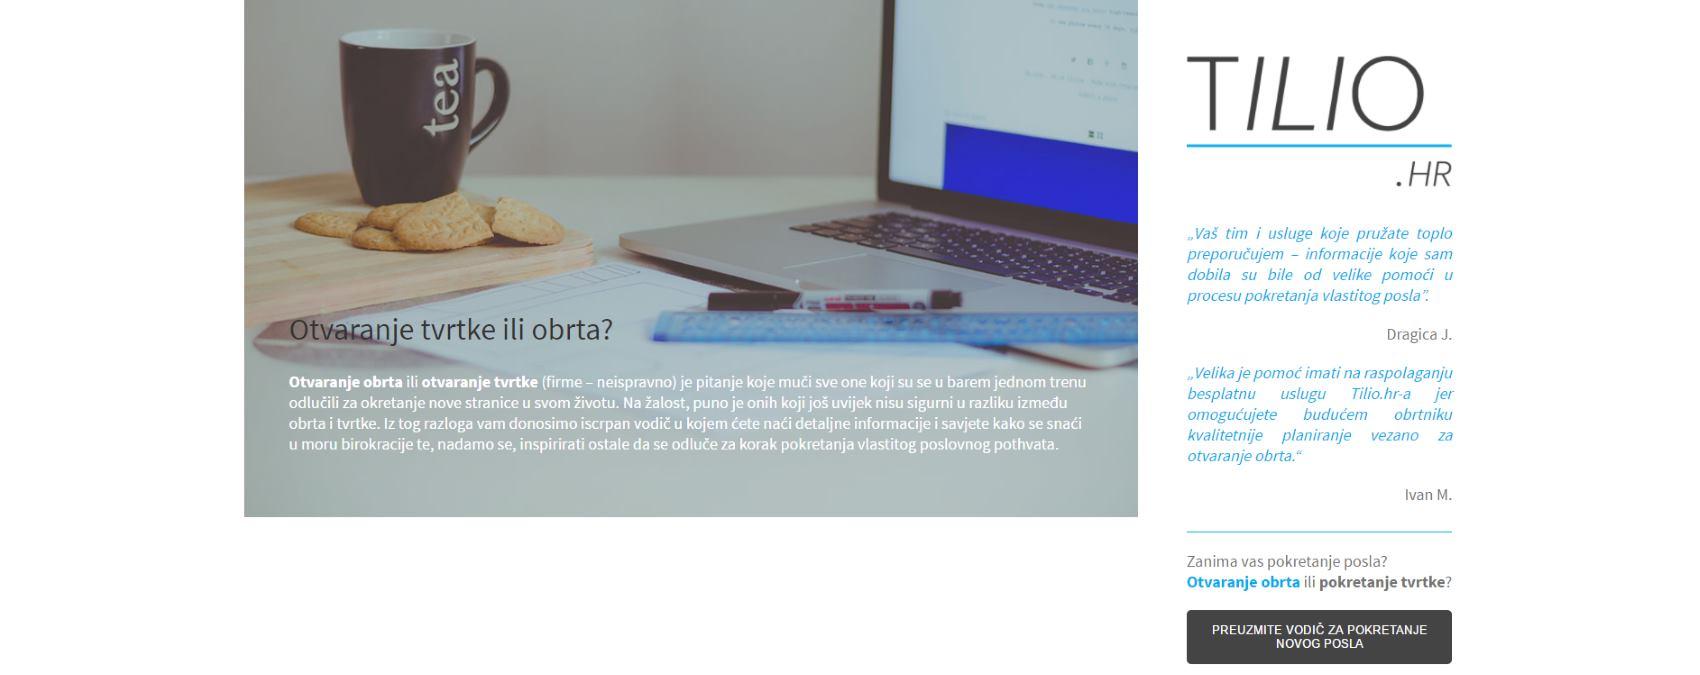 Novi projekt za poticanje poduzetništva – Tilio.hr